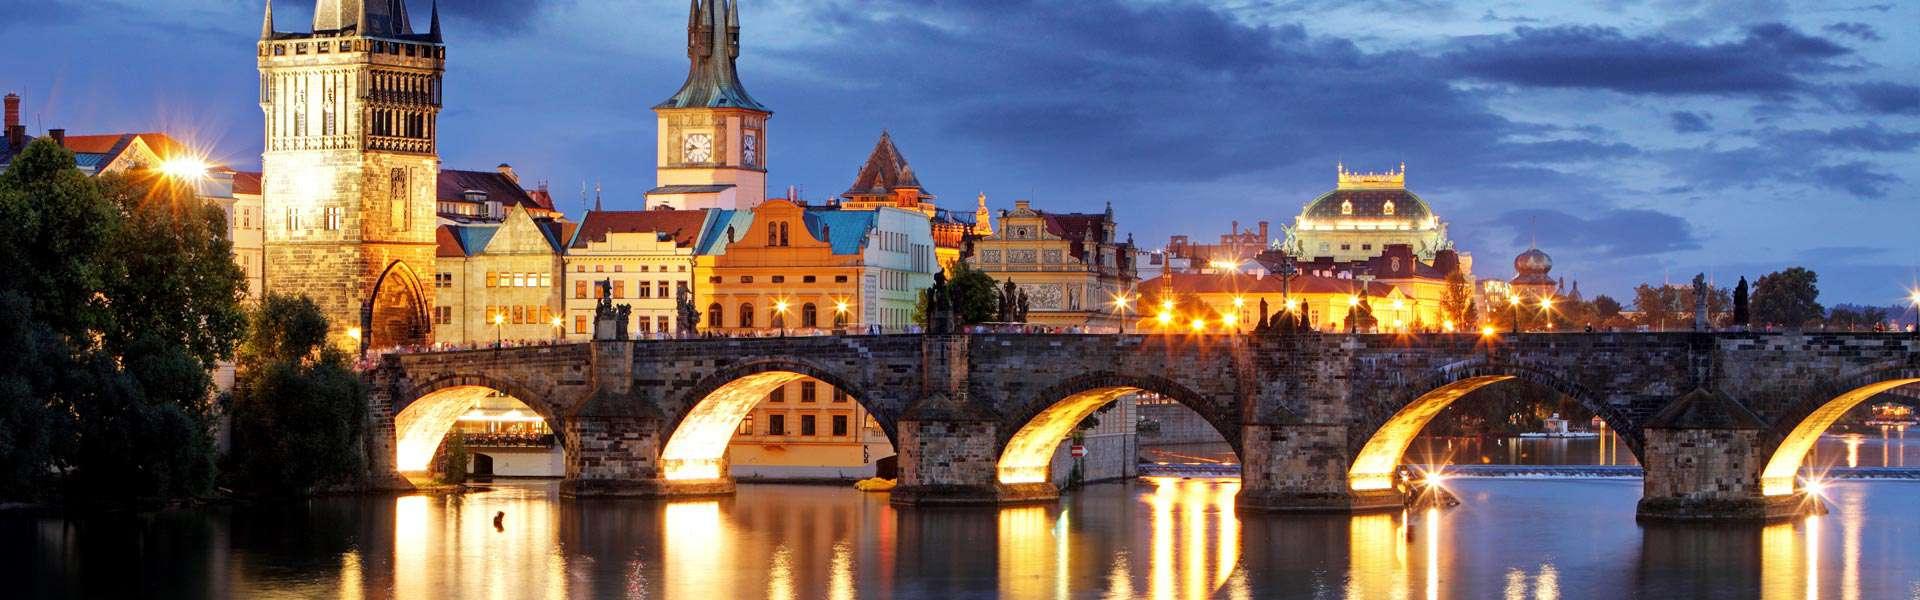 Seit dem 14. Jahrhundert über der Moldau: die Karlsbrücke in Prag